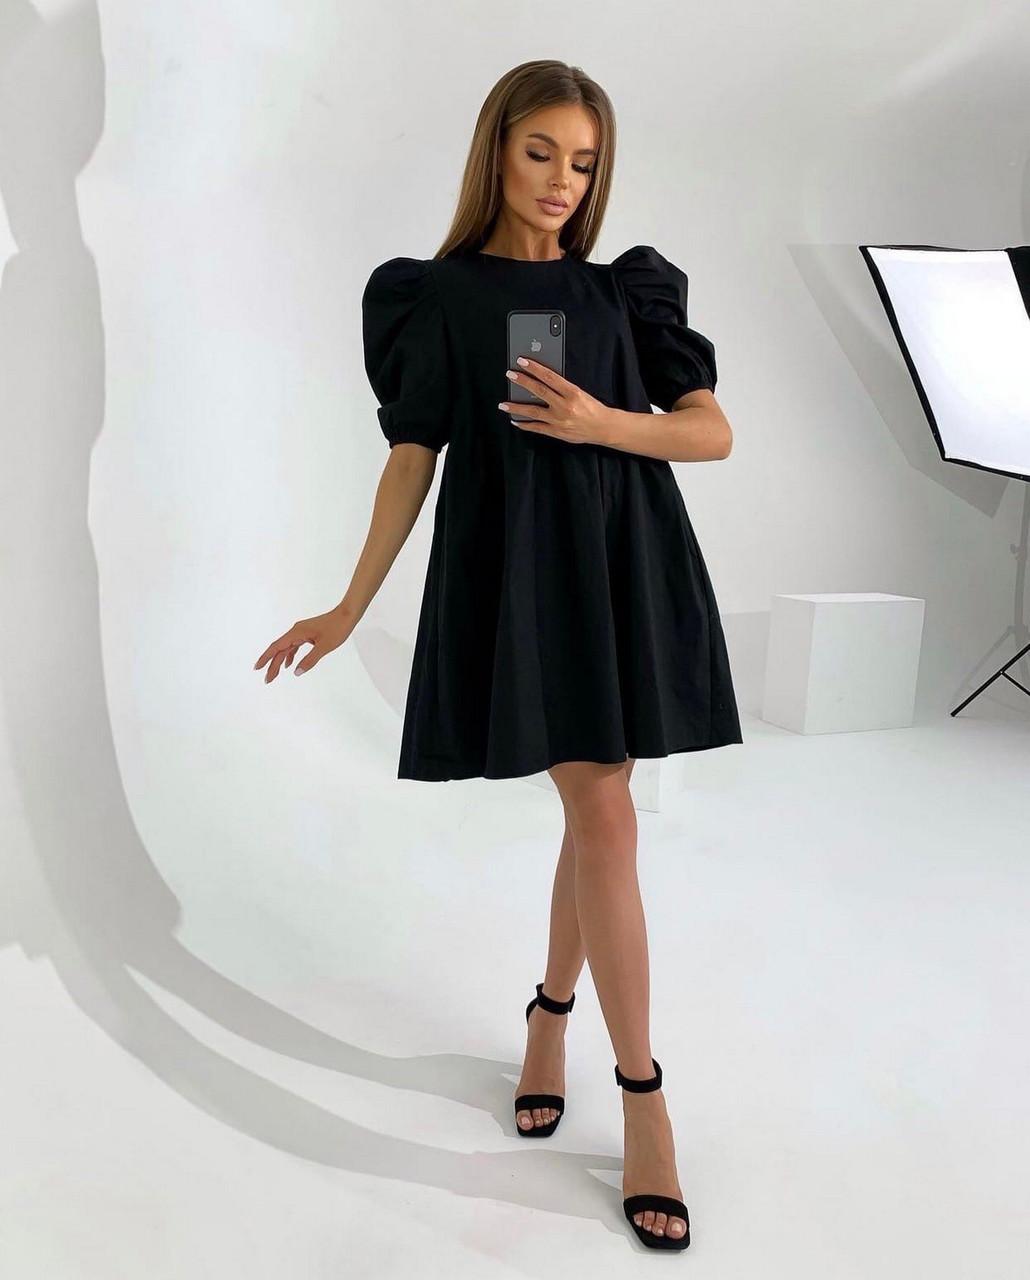 Котонове жіноче плаття вільного крою з рукавом ліхтарик, 01019 (Чорний), Розмір 42 (S)